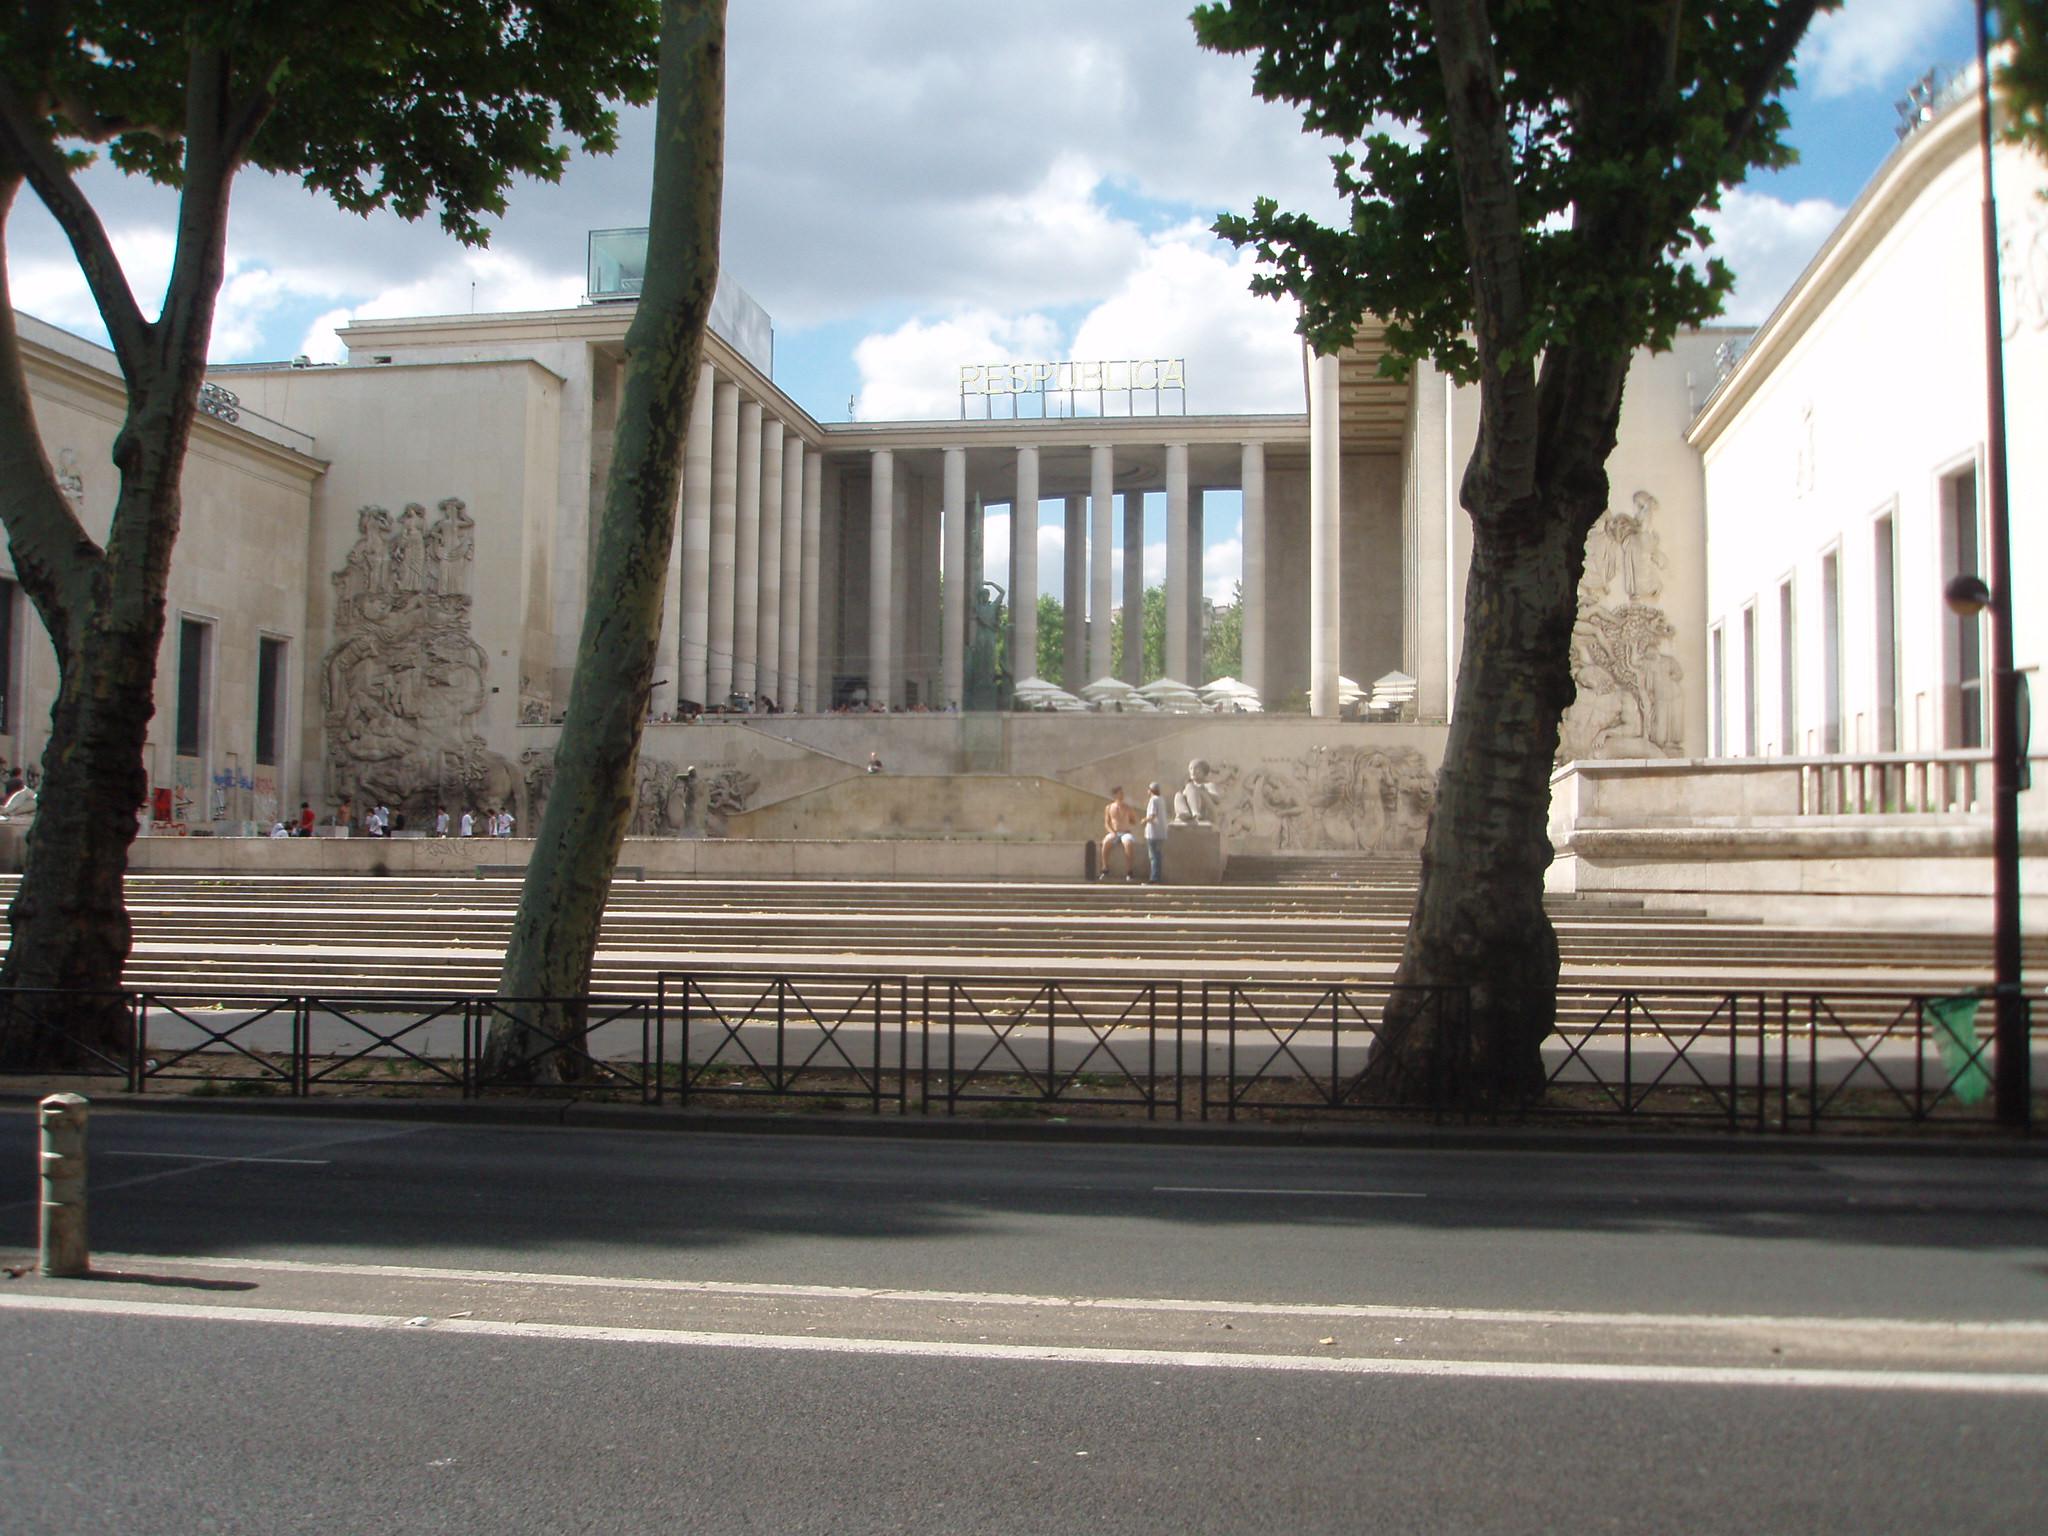 Palais de Tokyo, Musée de l'Art Moderne de la Ville de Paris. Foto met dank aan Mister No, CC BY 3.0